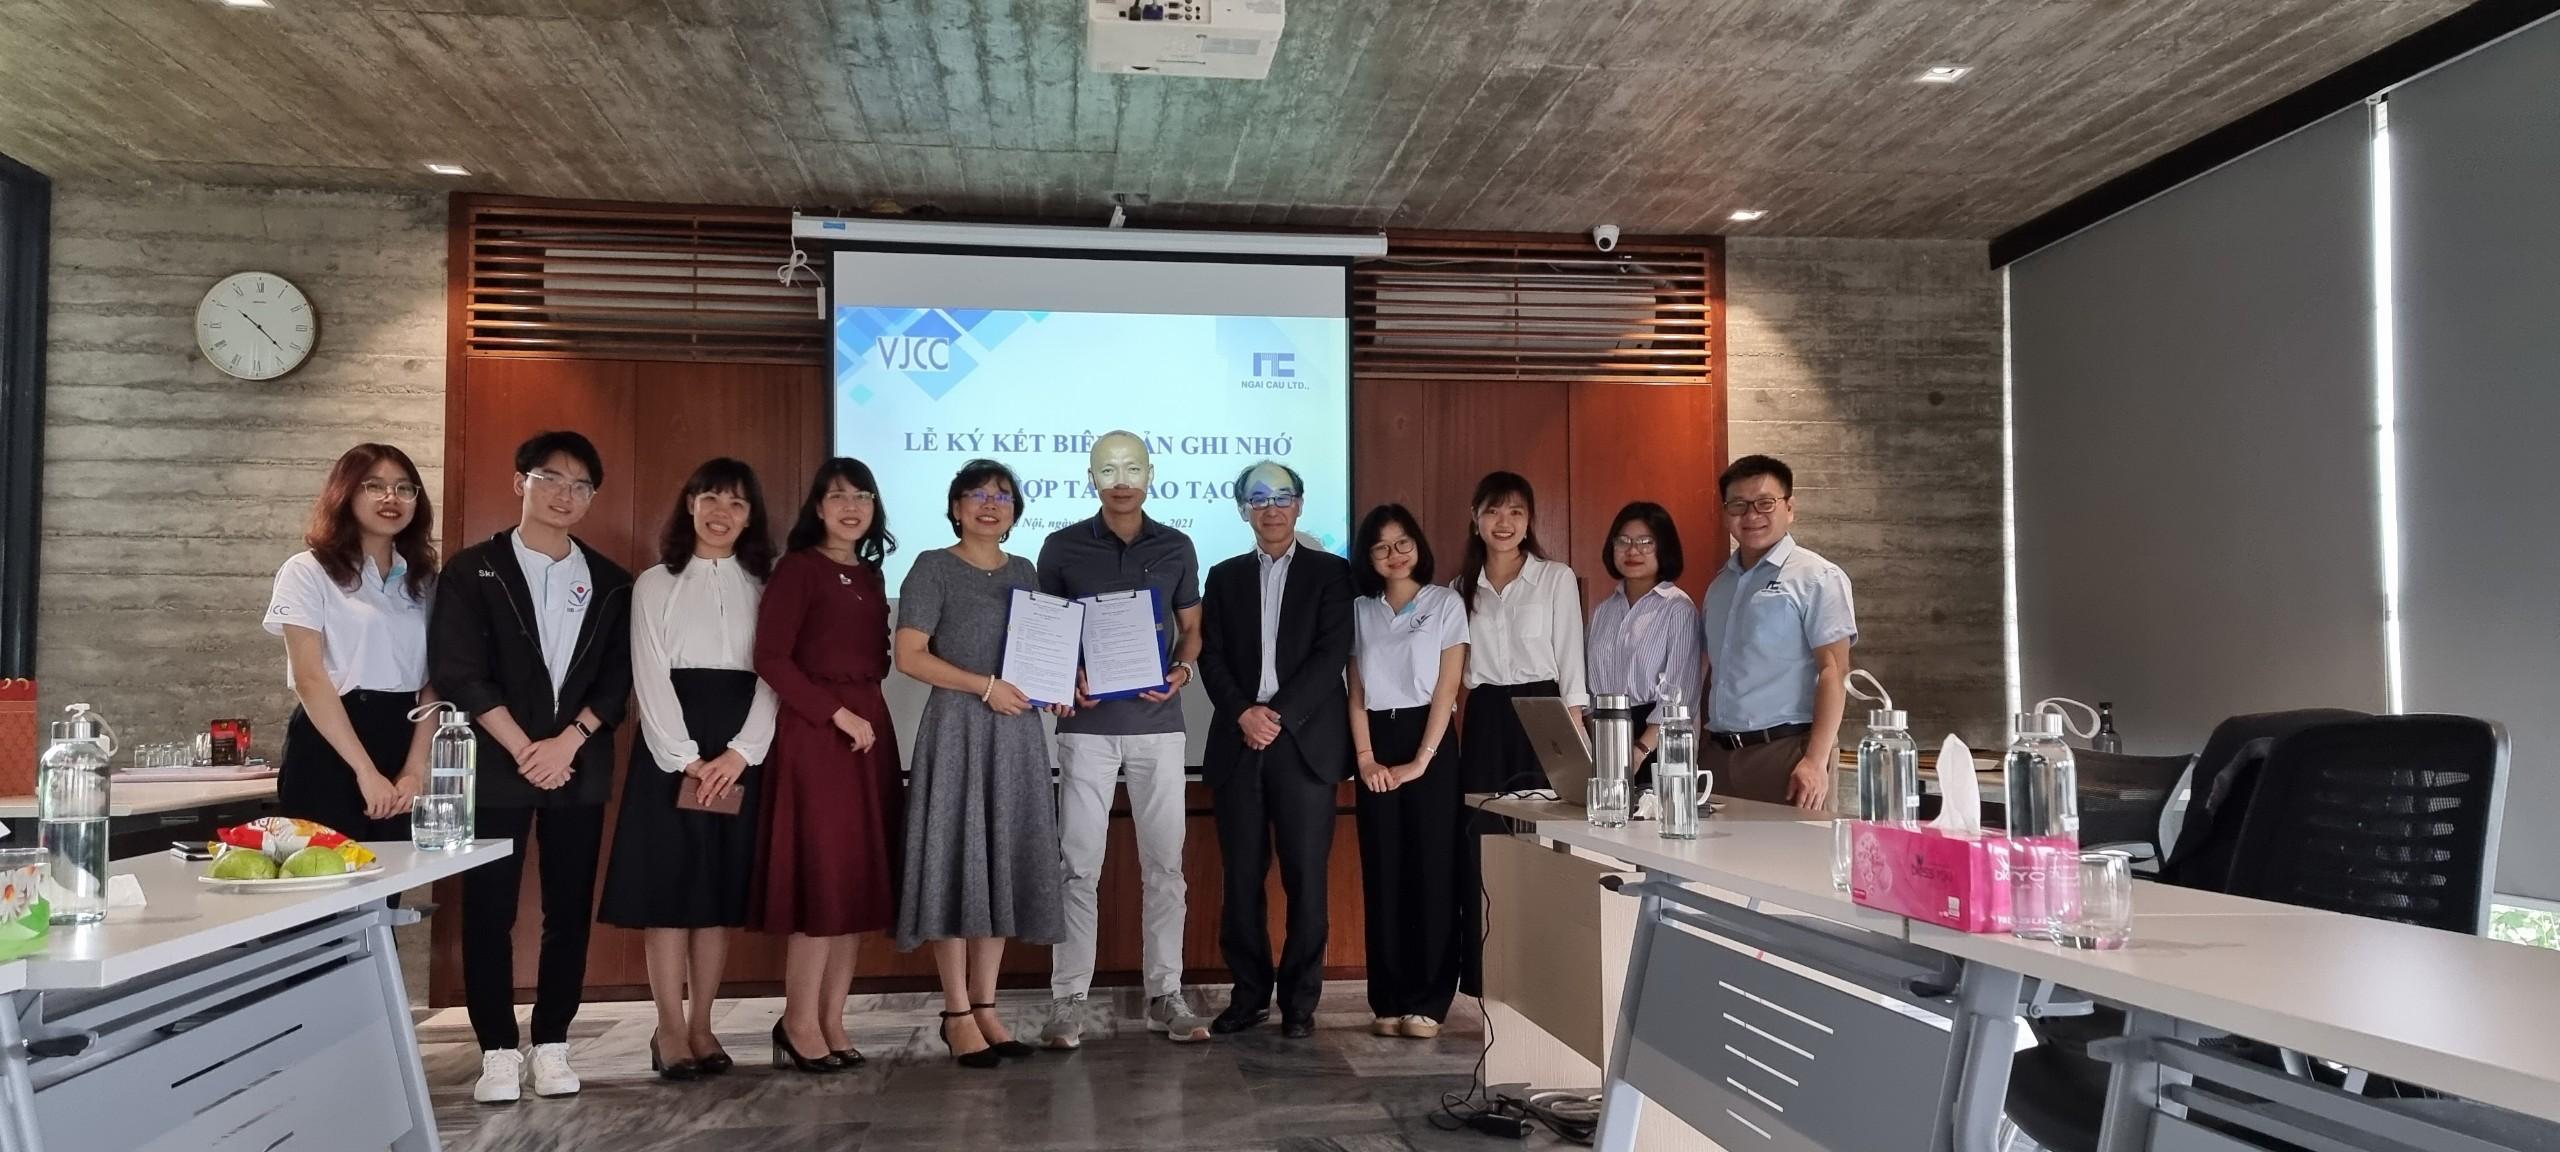 日本式国際ビジネス学士課程(JIBプログラム)4期生のインターンシップへの参加